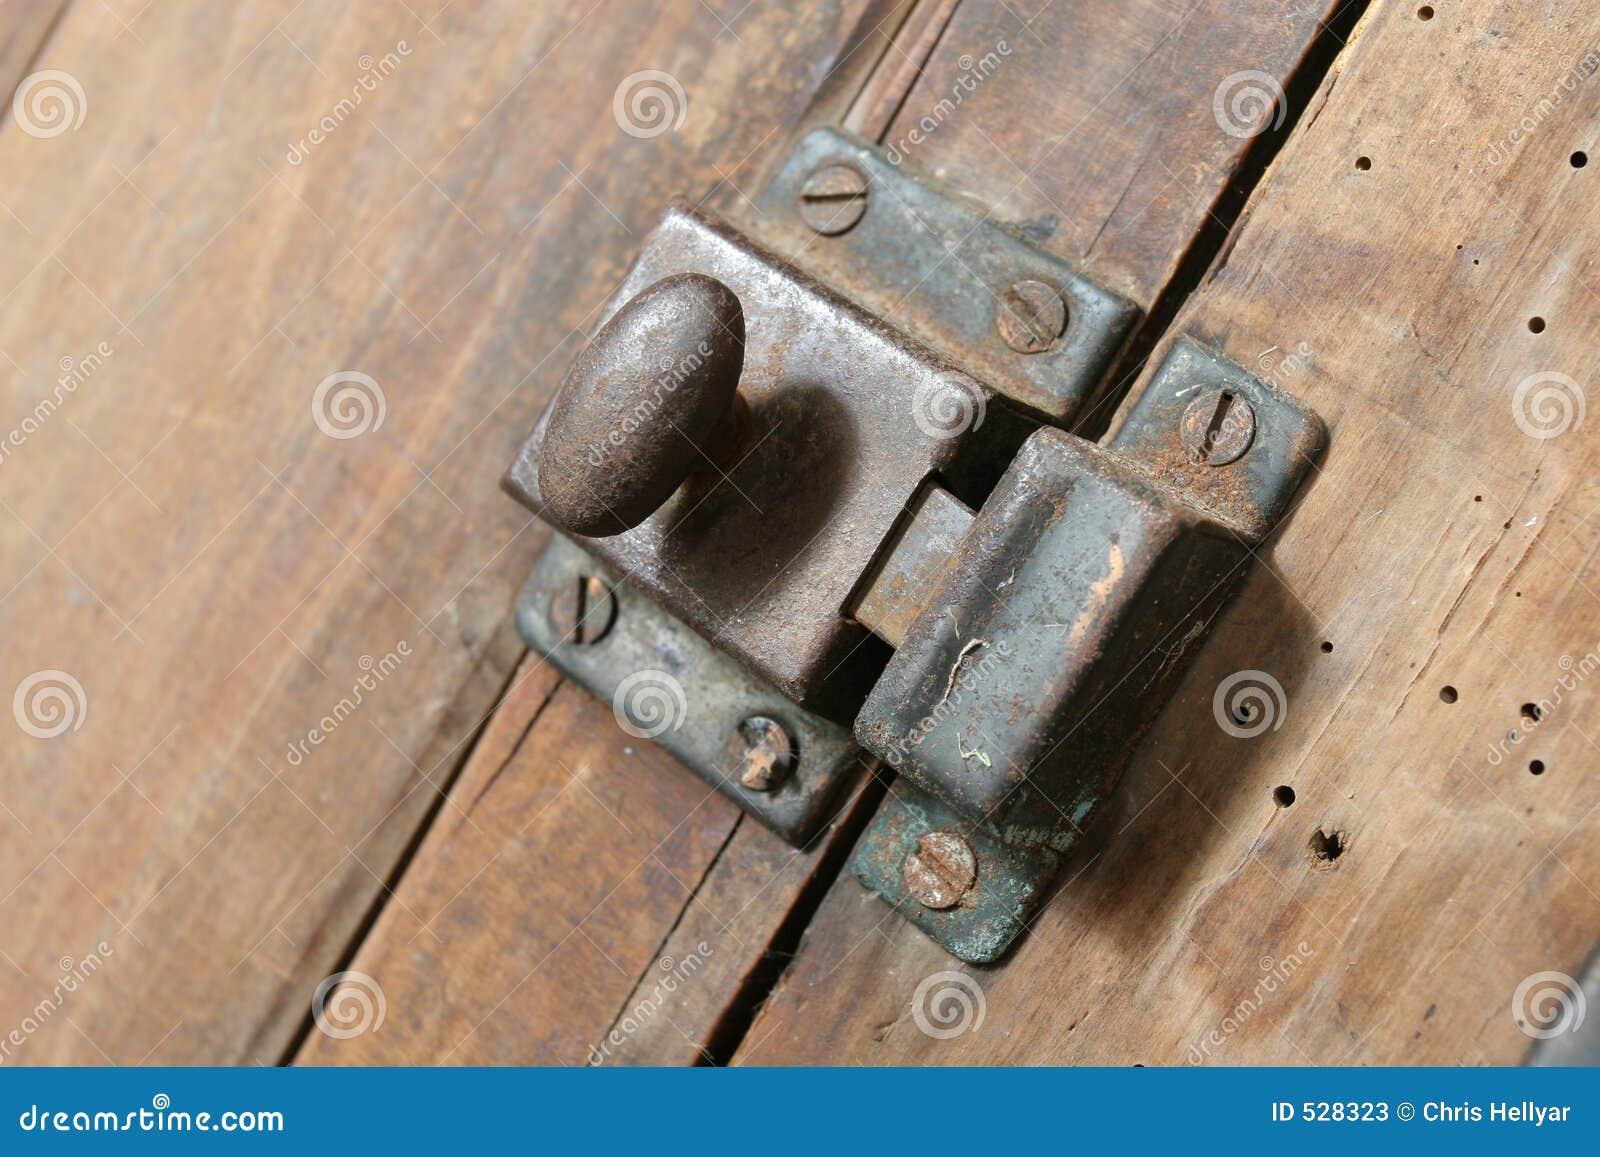 Download 碗柜门闩 库存图片. 图片 包括有 厨房, 螺丝, 影子, 木头, 碗柜, 铁锈, 保留, 木材, 安全, 更加恼怒的 - 528323